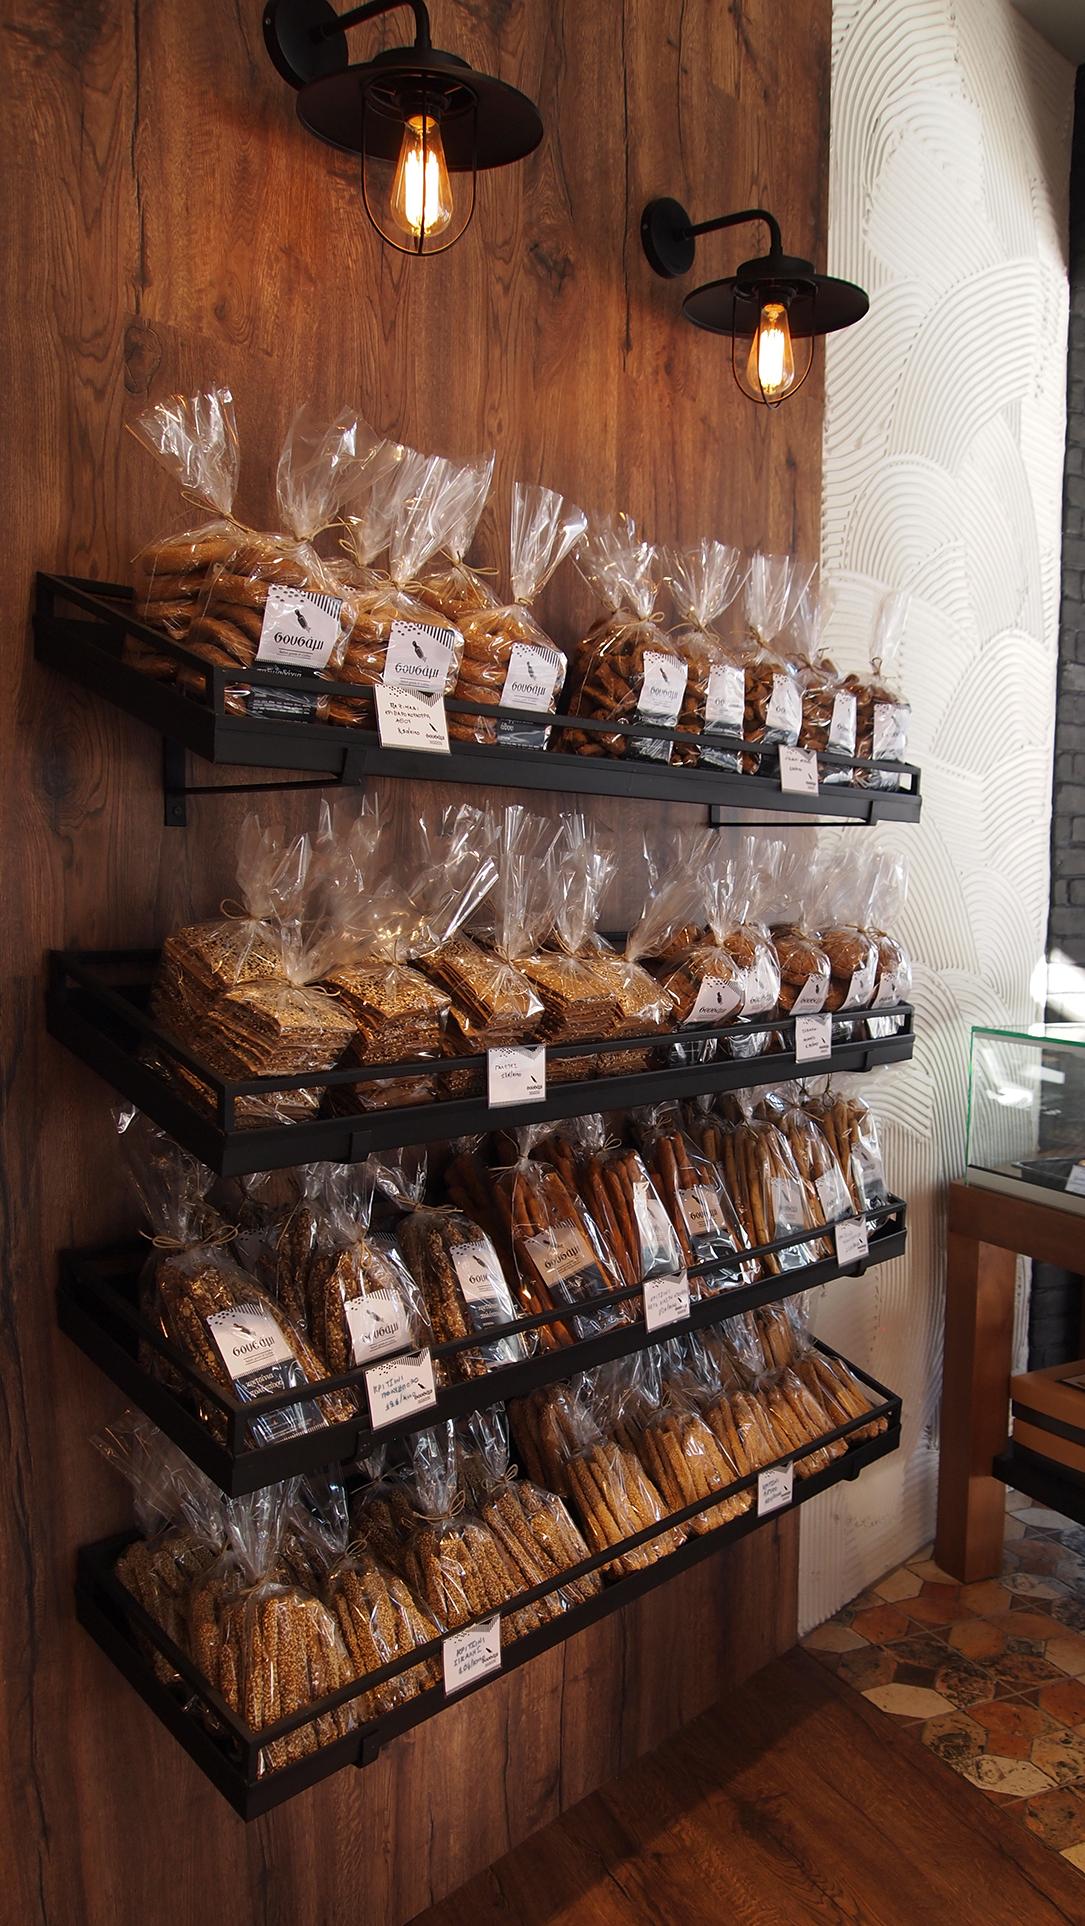 Σουσάμι   Baked goods & coffee